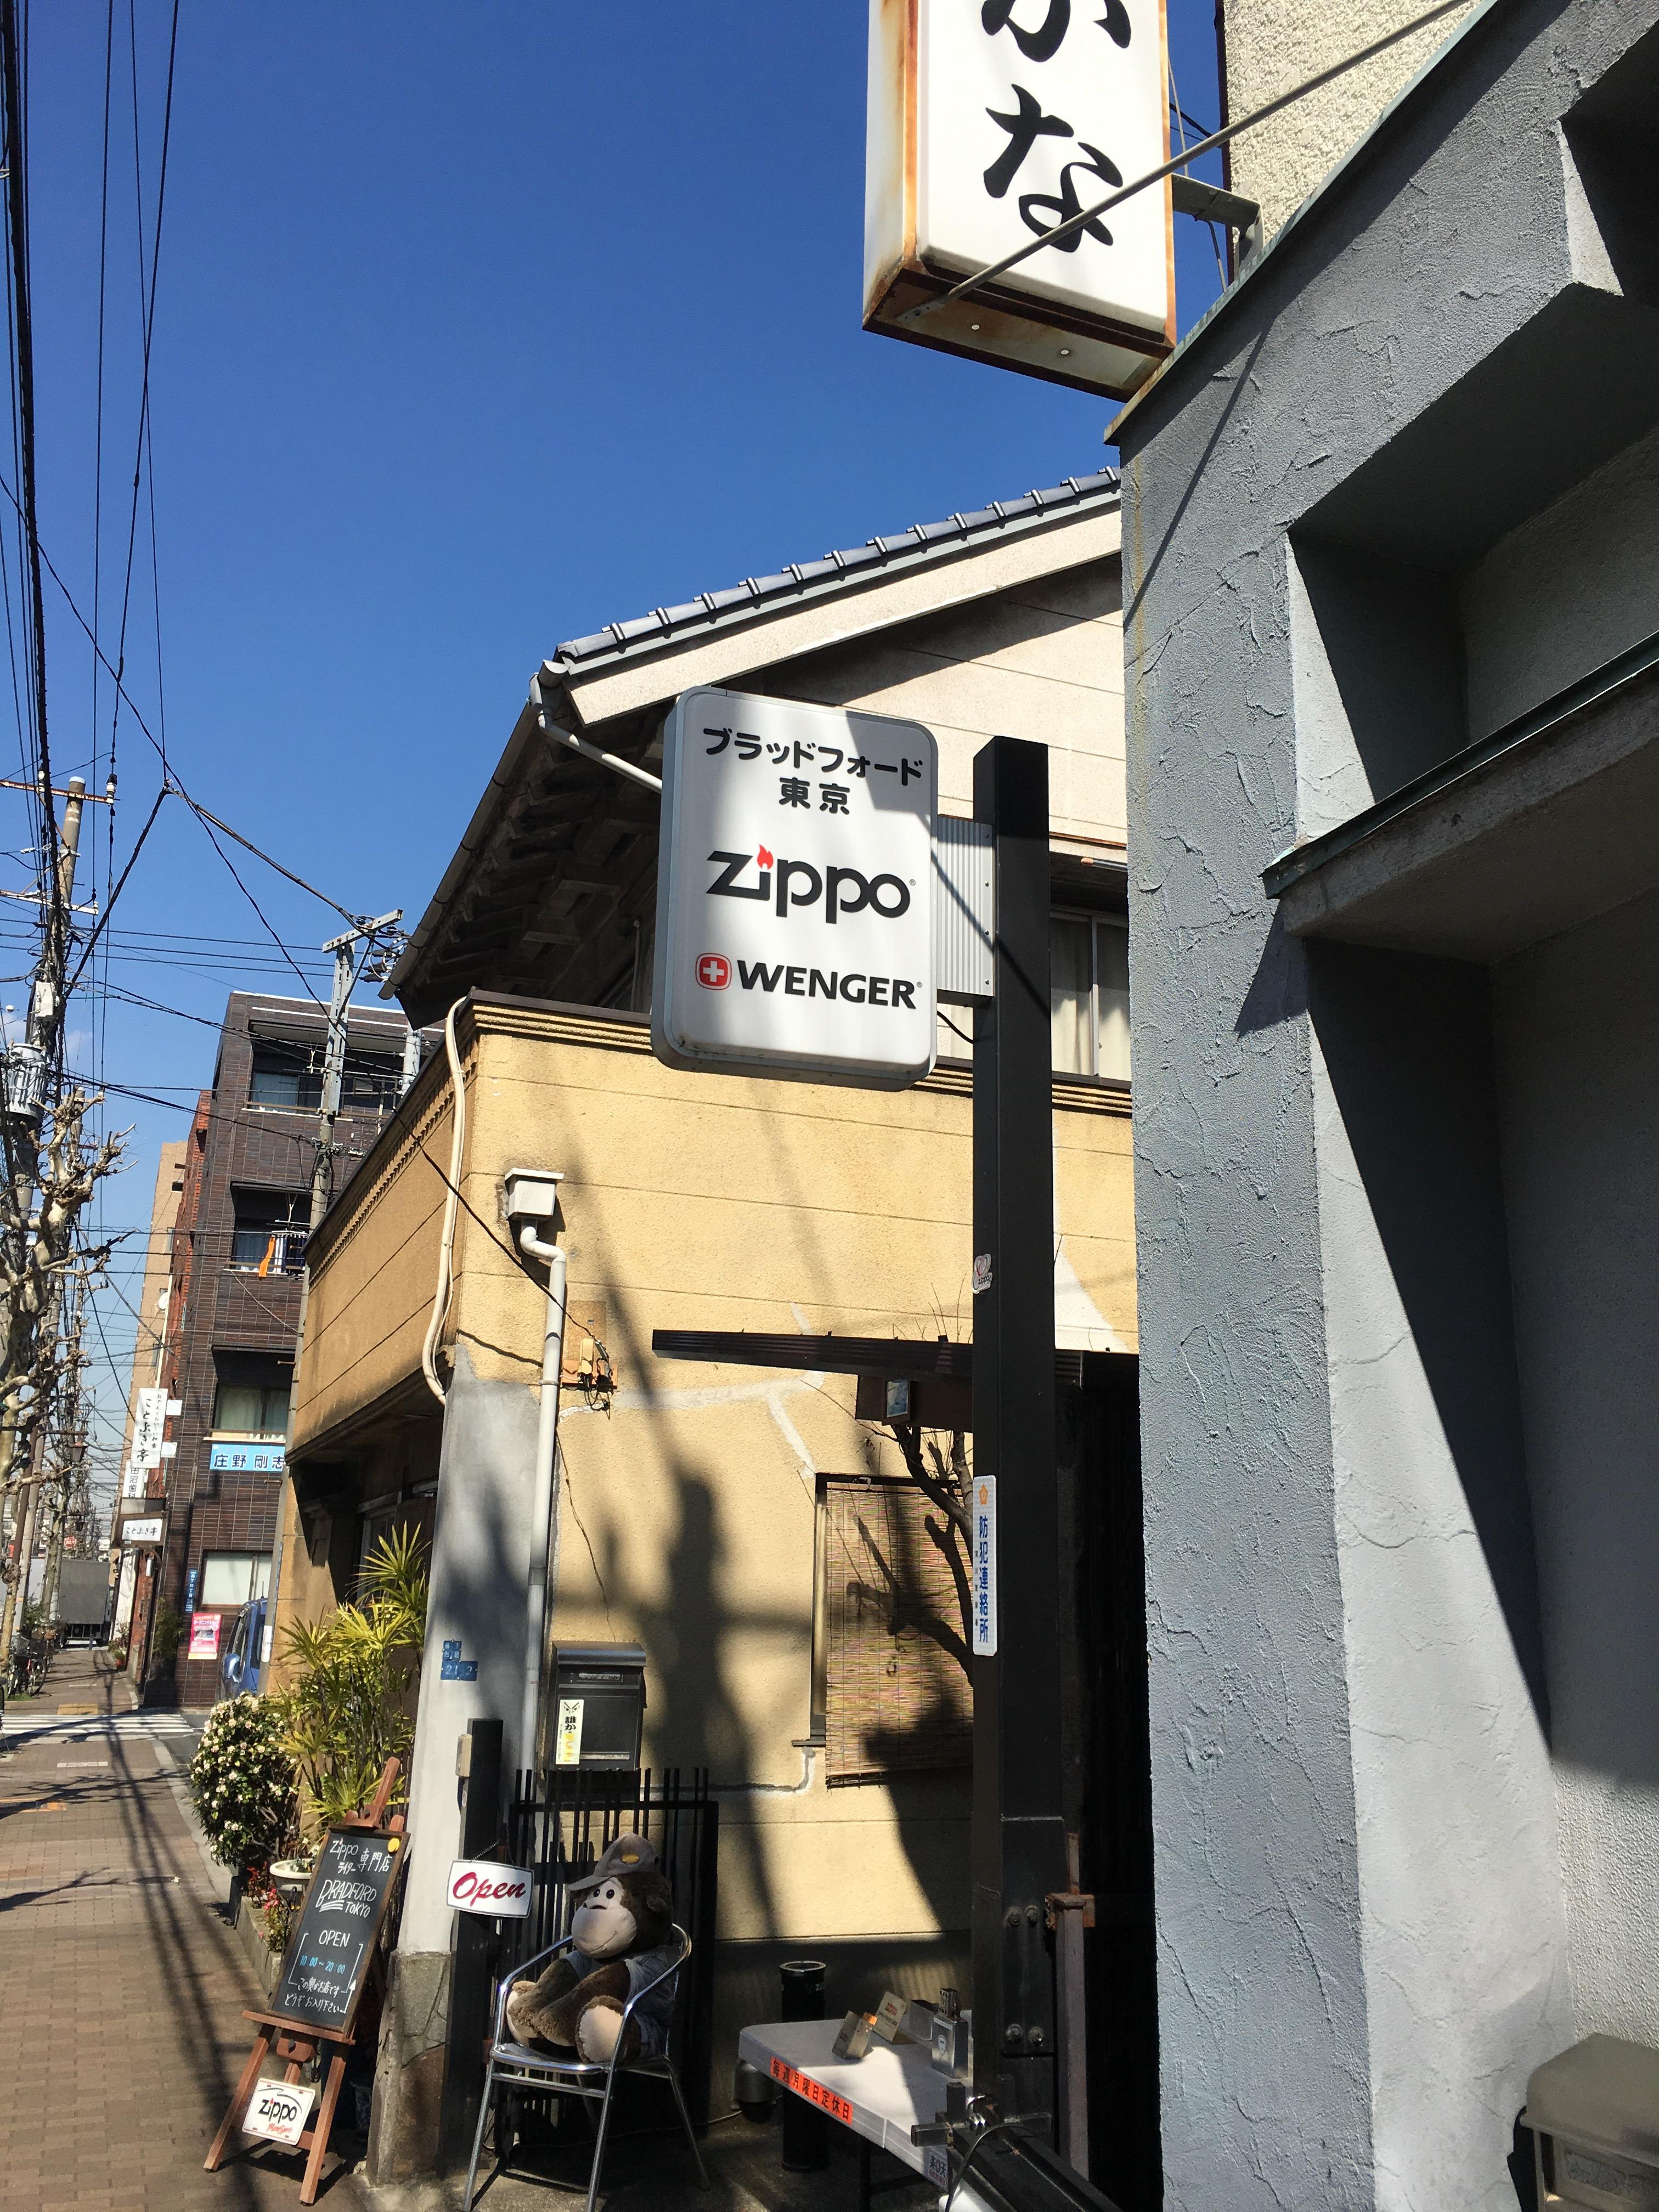 img 0812 【Zippoライター専門店】コレクターも唸る!江東区森下の隠れ家的お店